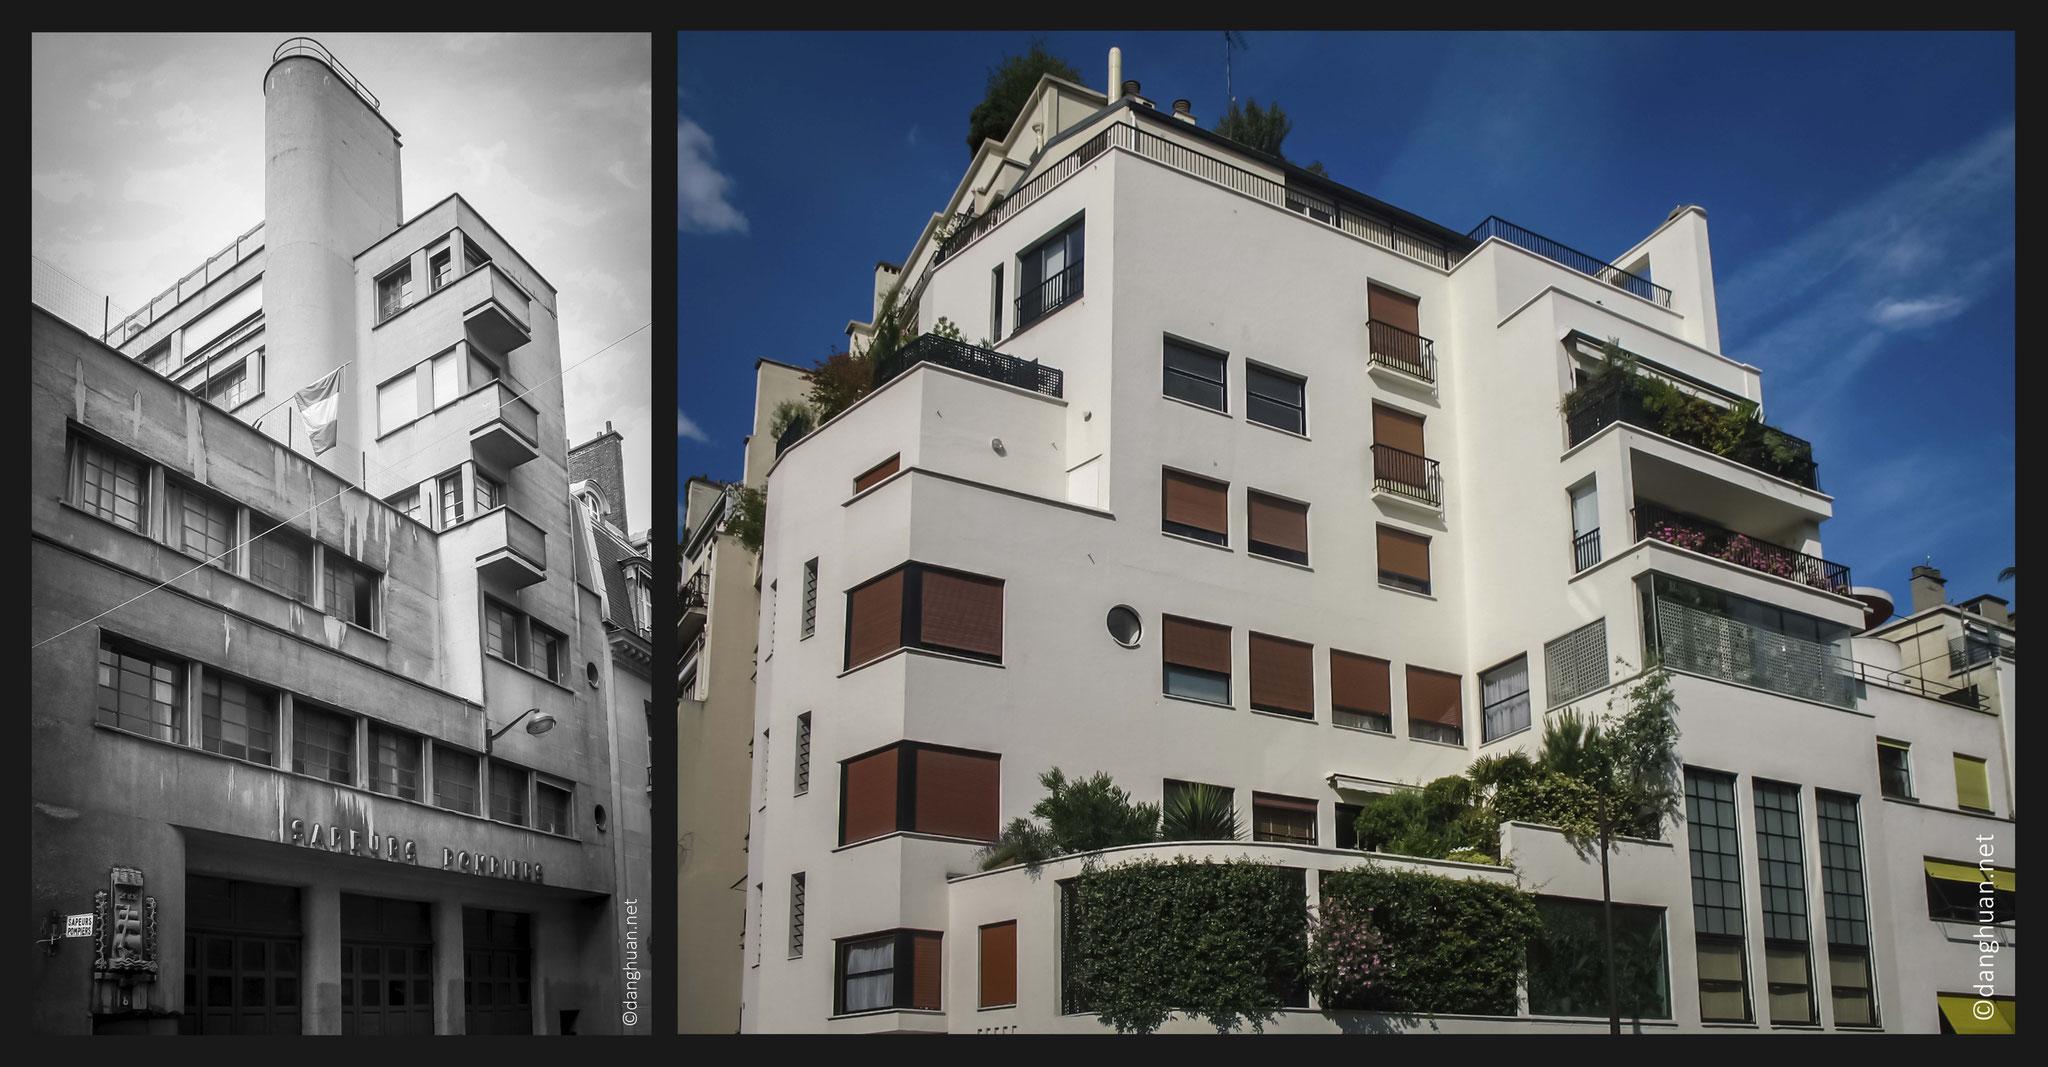 Architecte :  Mallet Stevens - Caserne Pompiers au 8 Rue Mesnil (1936), immeuble dans une rue privée (1927)